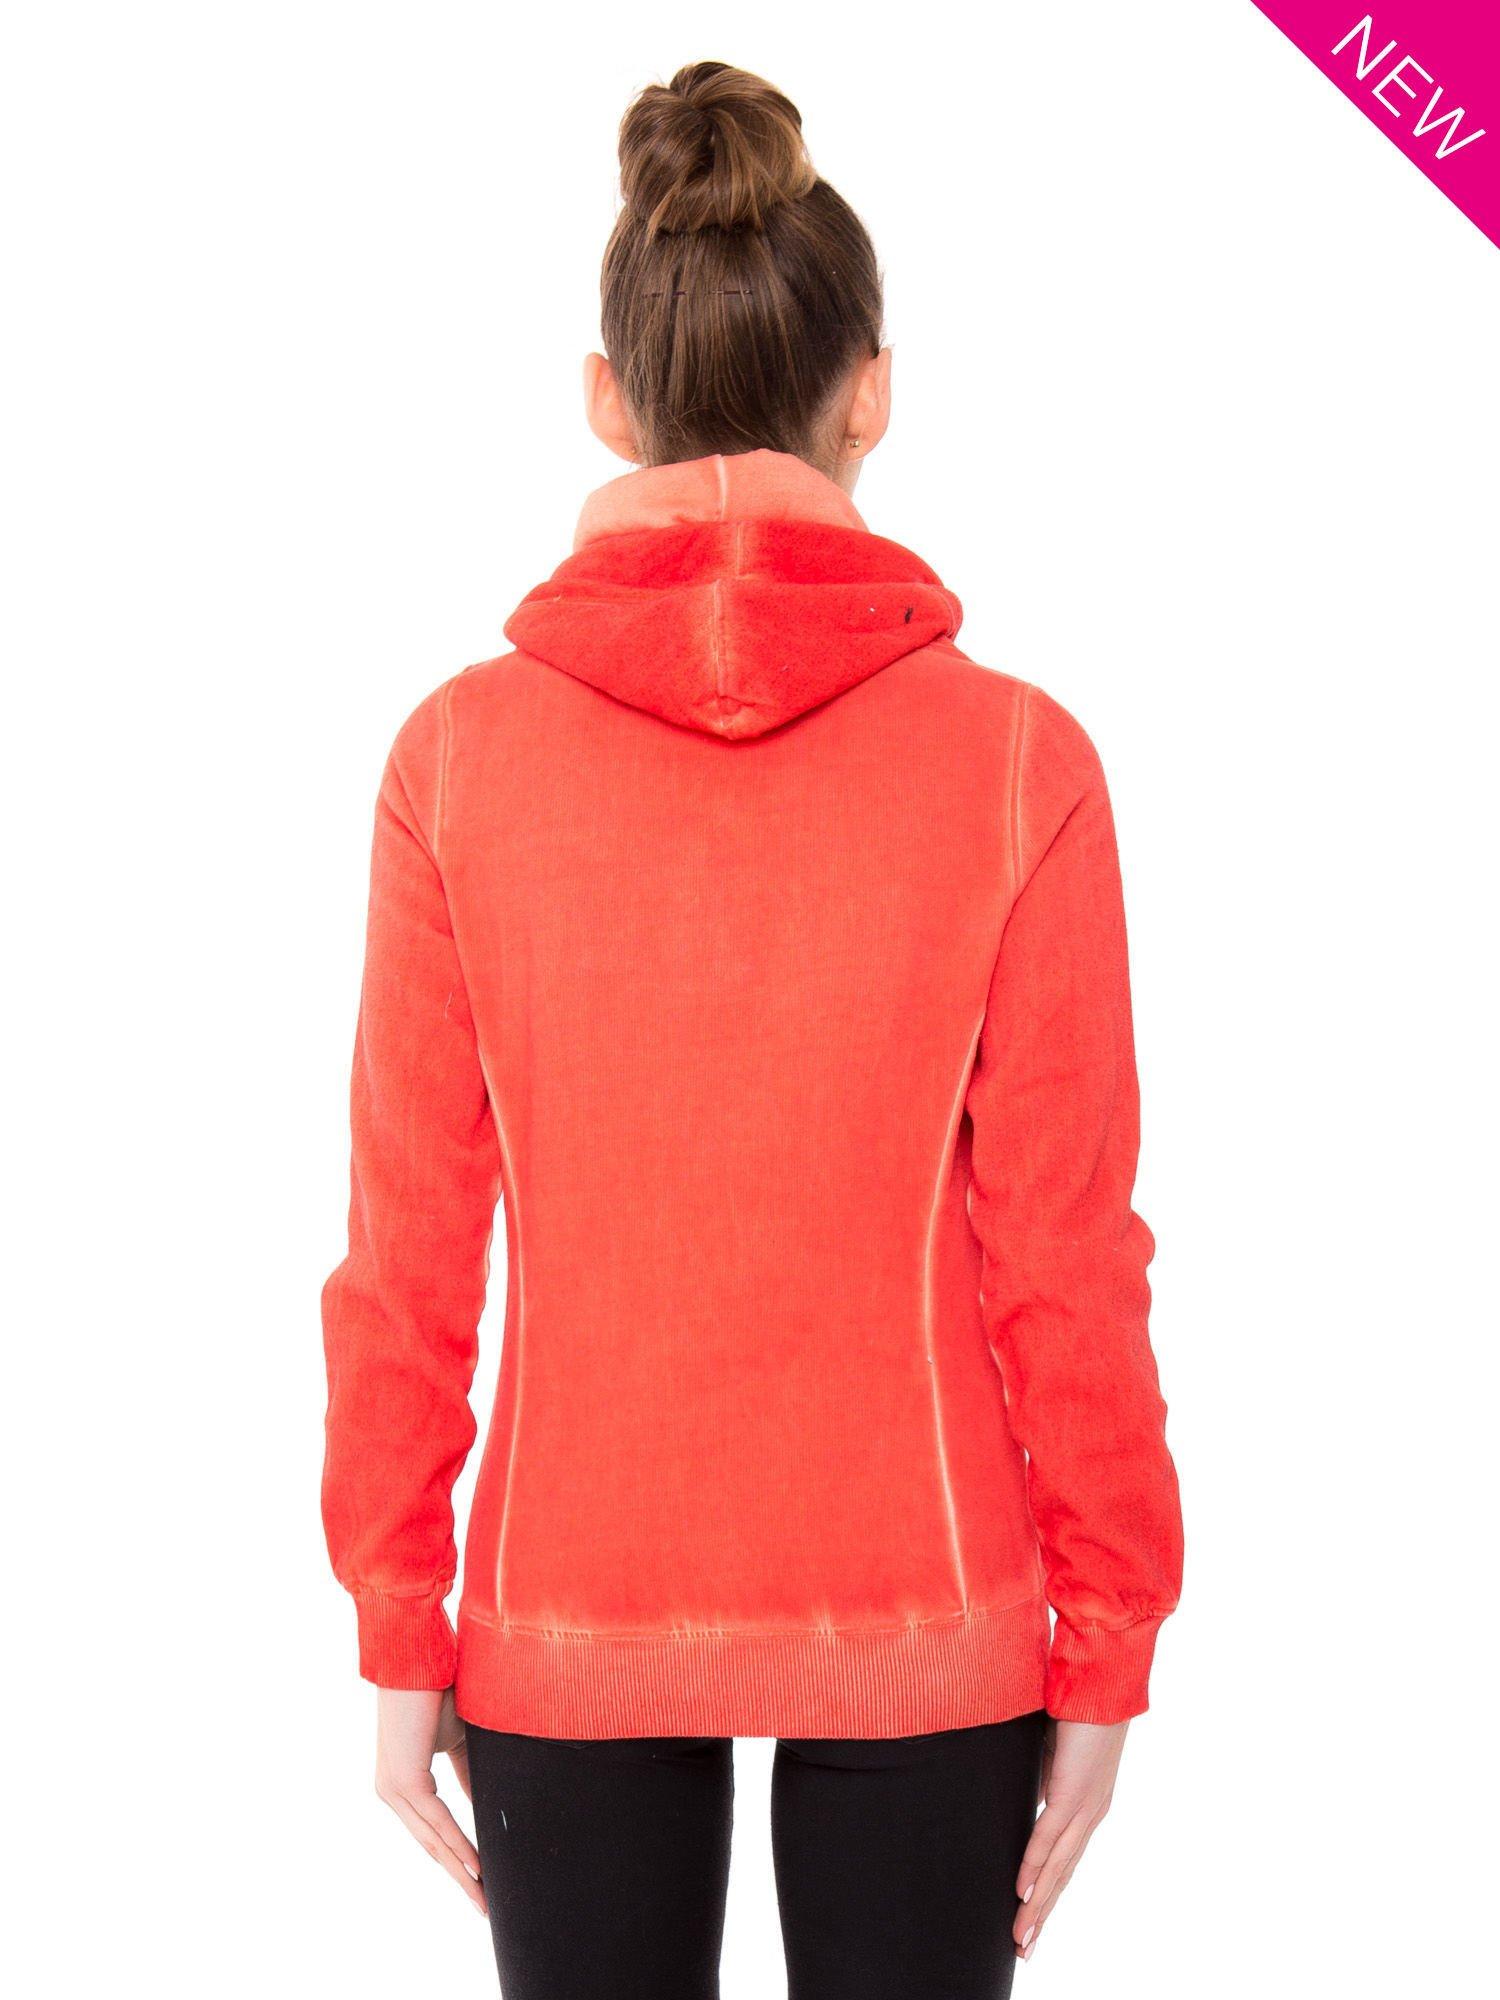 Pomarańczowa bluza z kapturem z efektem sprania                                  zdj.                                  2